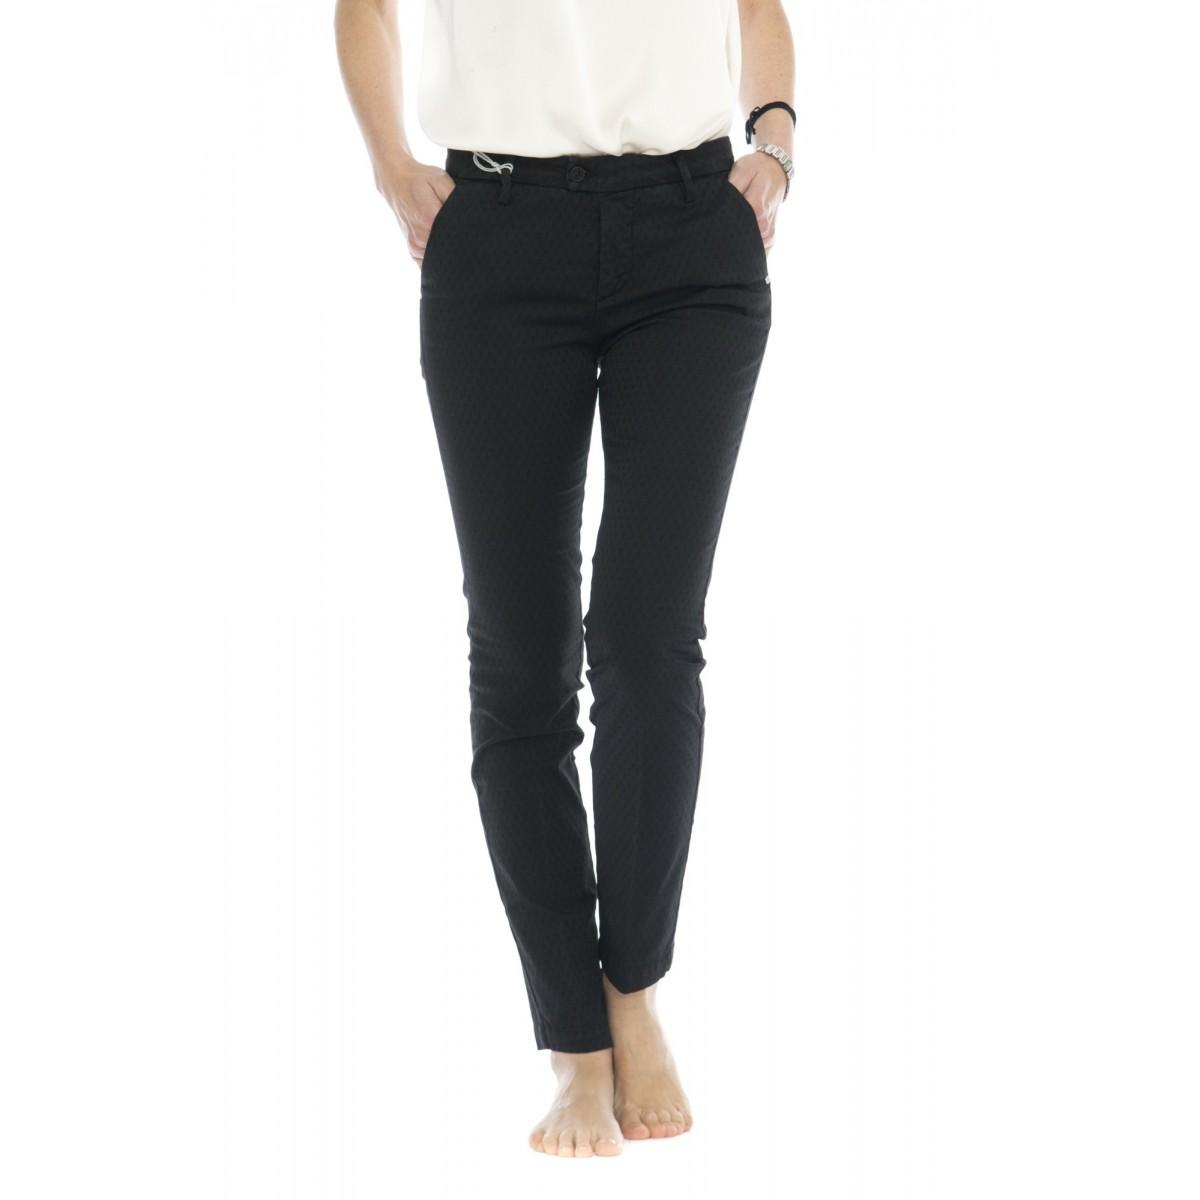 Pantaloni - Janet 2161 lavorato